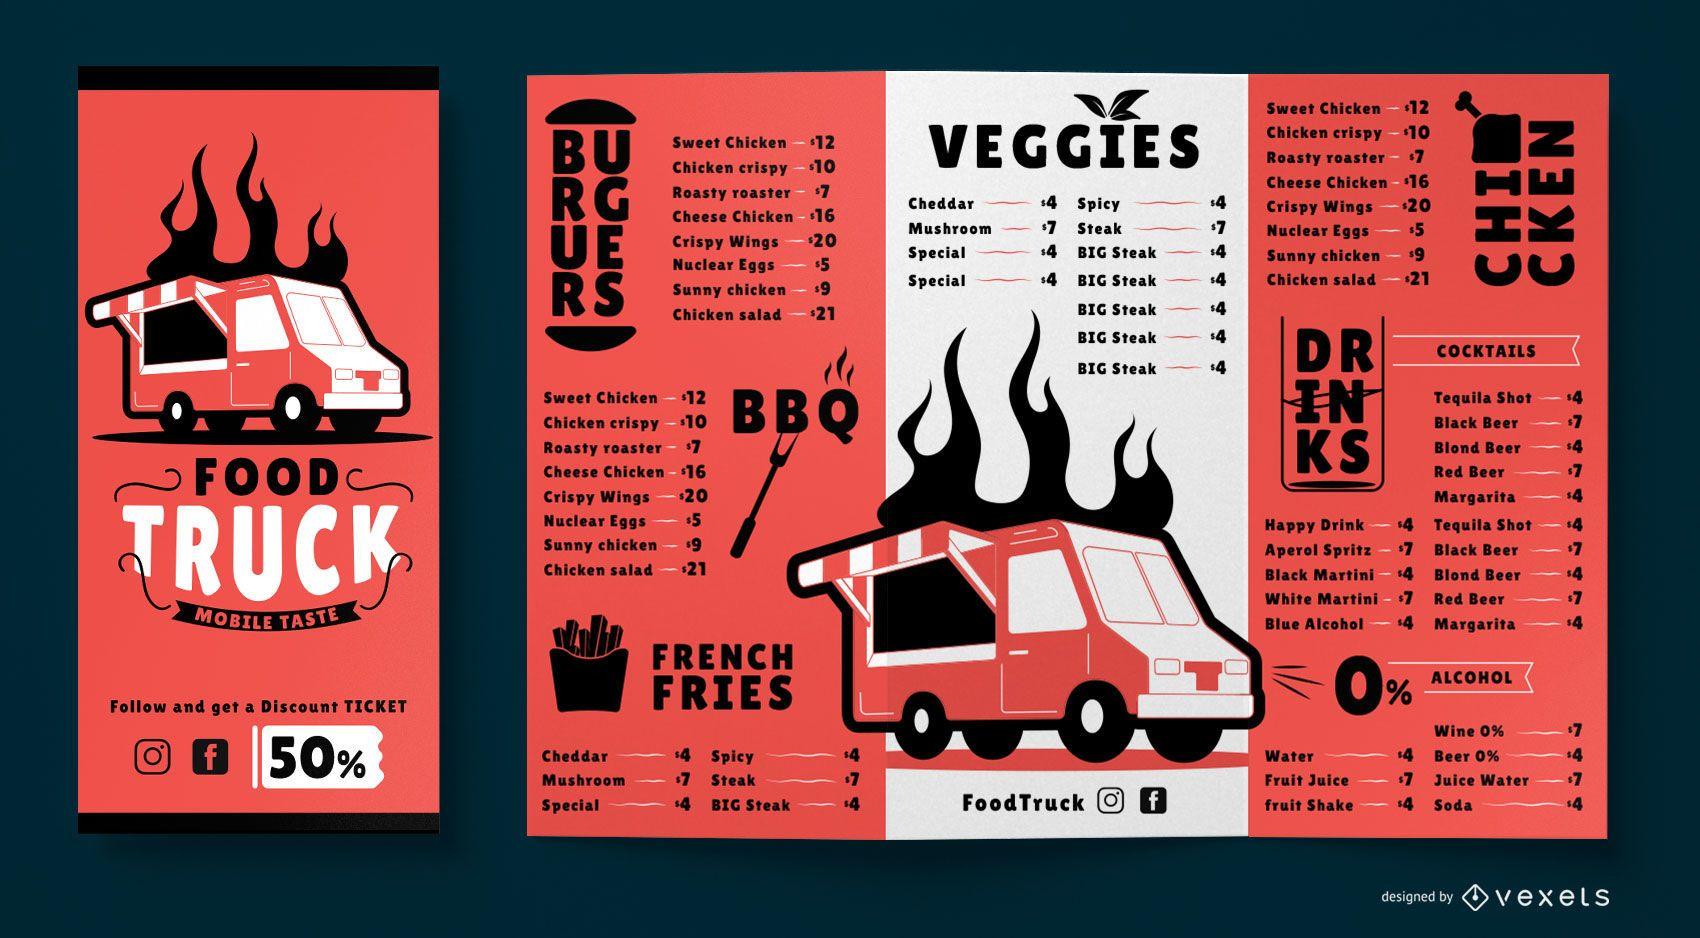 Plantilla de folleto de menú de food truck